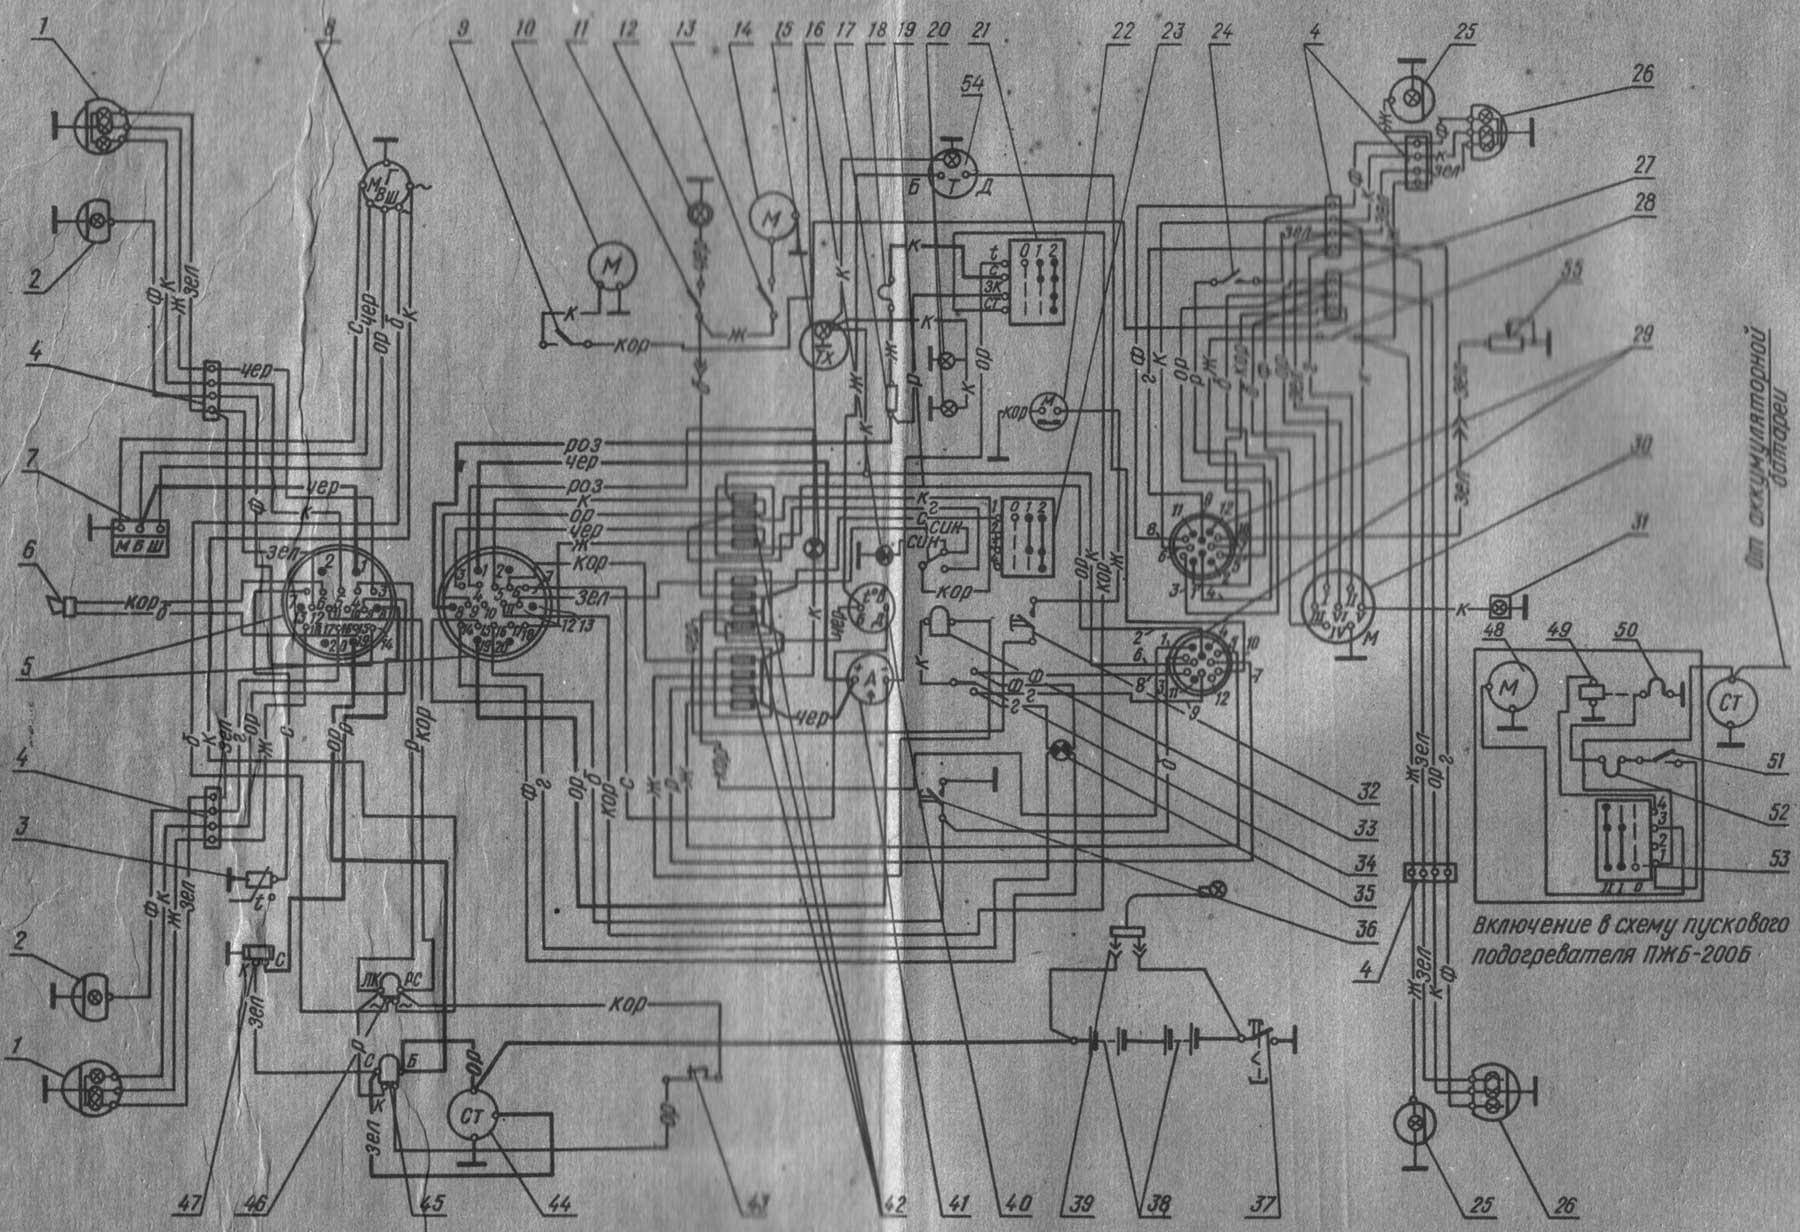 МТЗ-80, МТЗ-82, трактор, схема электрооборудования, ТО карта смазки. форматах DjVu, PDF, JPG, программу для просмотра...